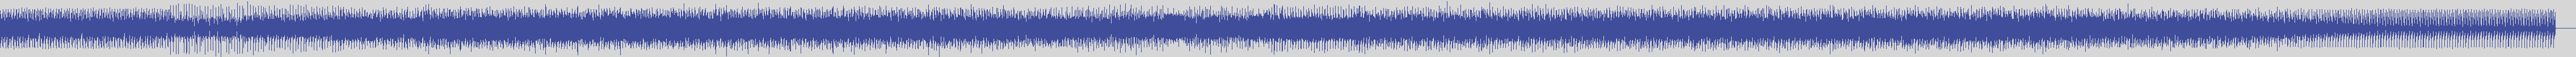 just_digital_records [JS1065] Dj Alex Del Lago - I Never [Original Mix] audio wave form